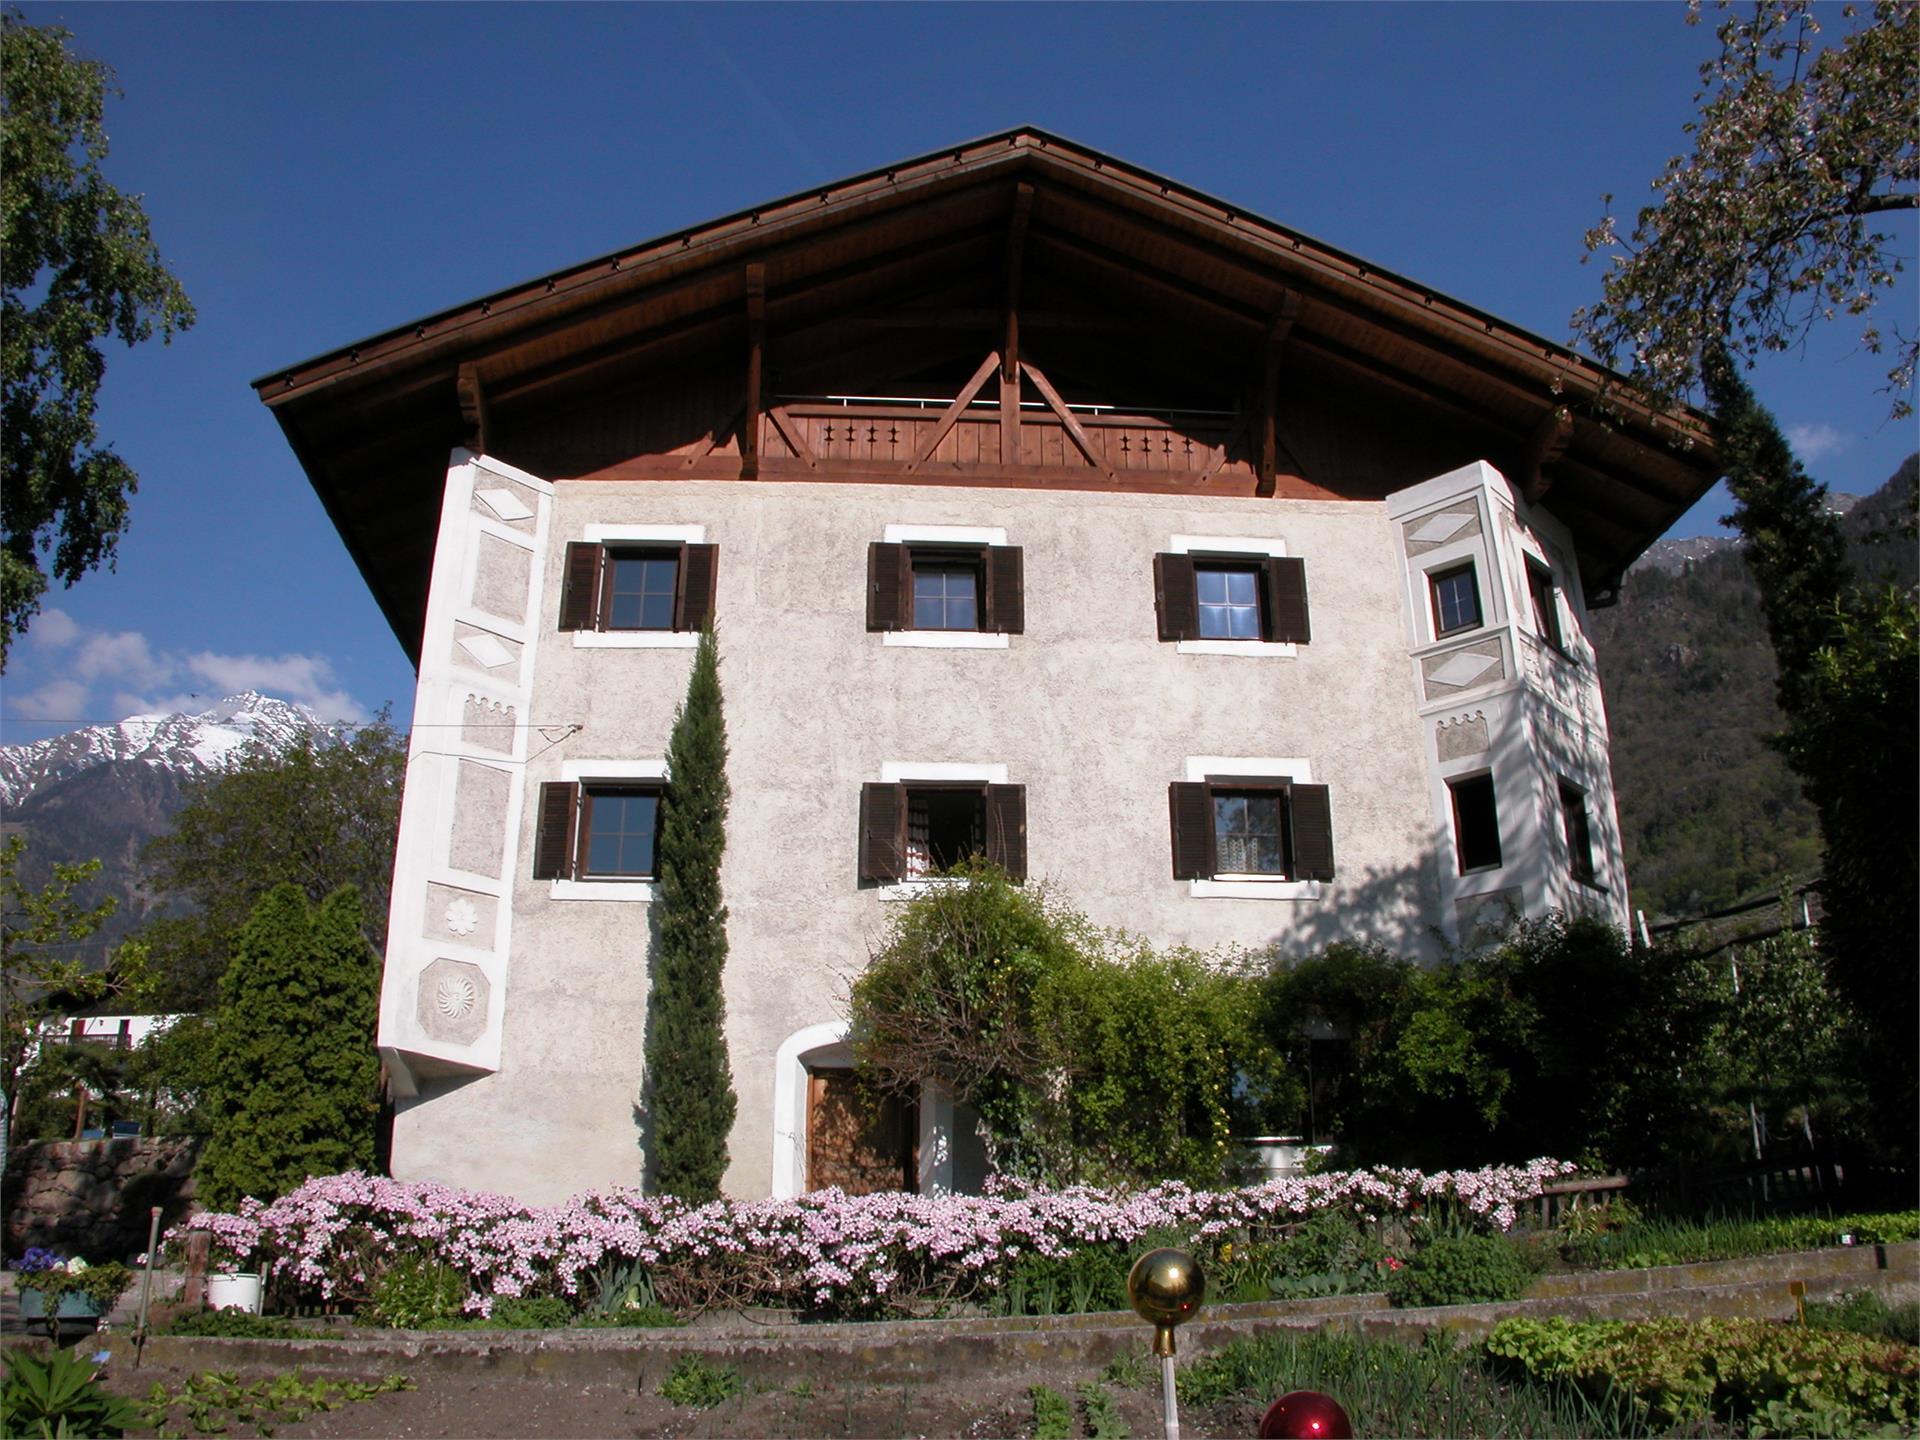 Rabeinerhof